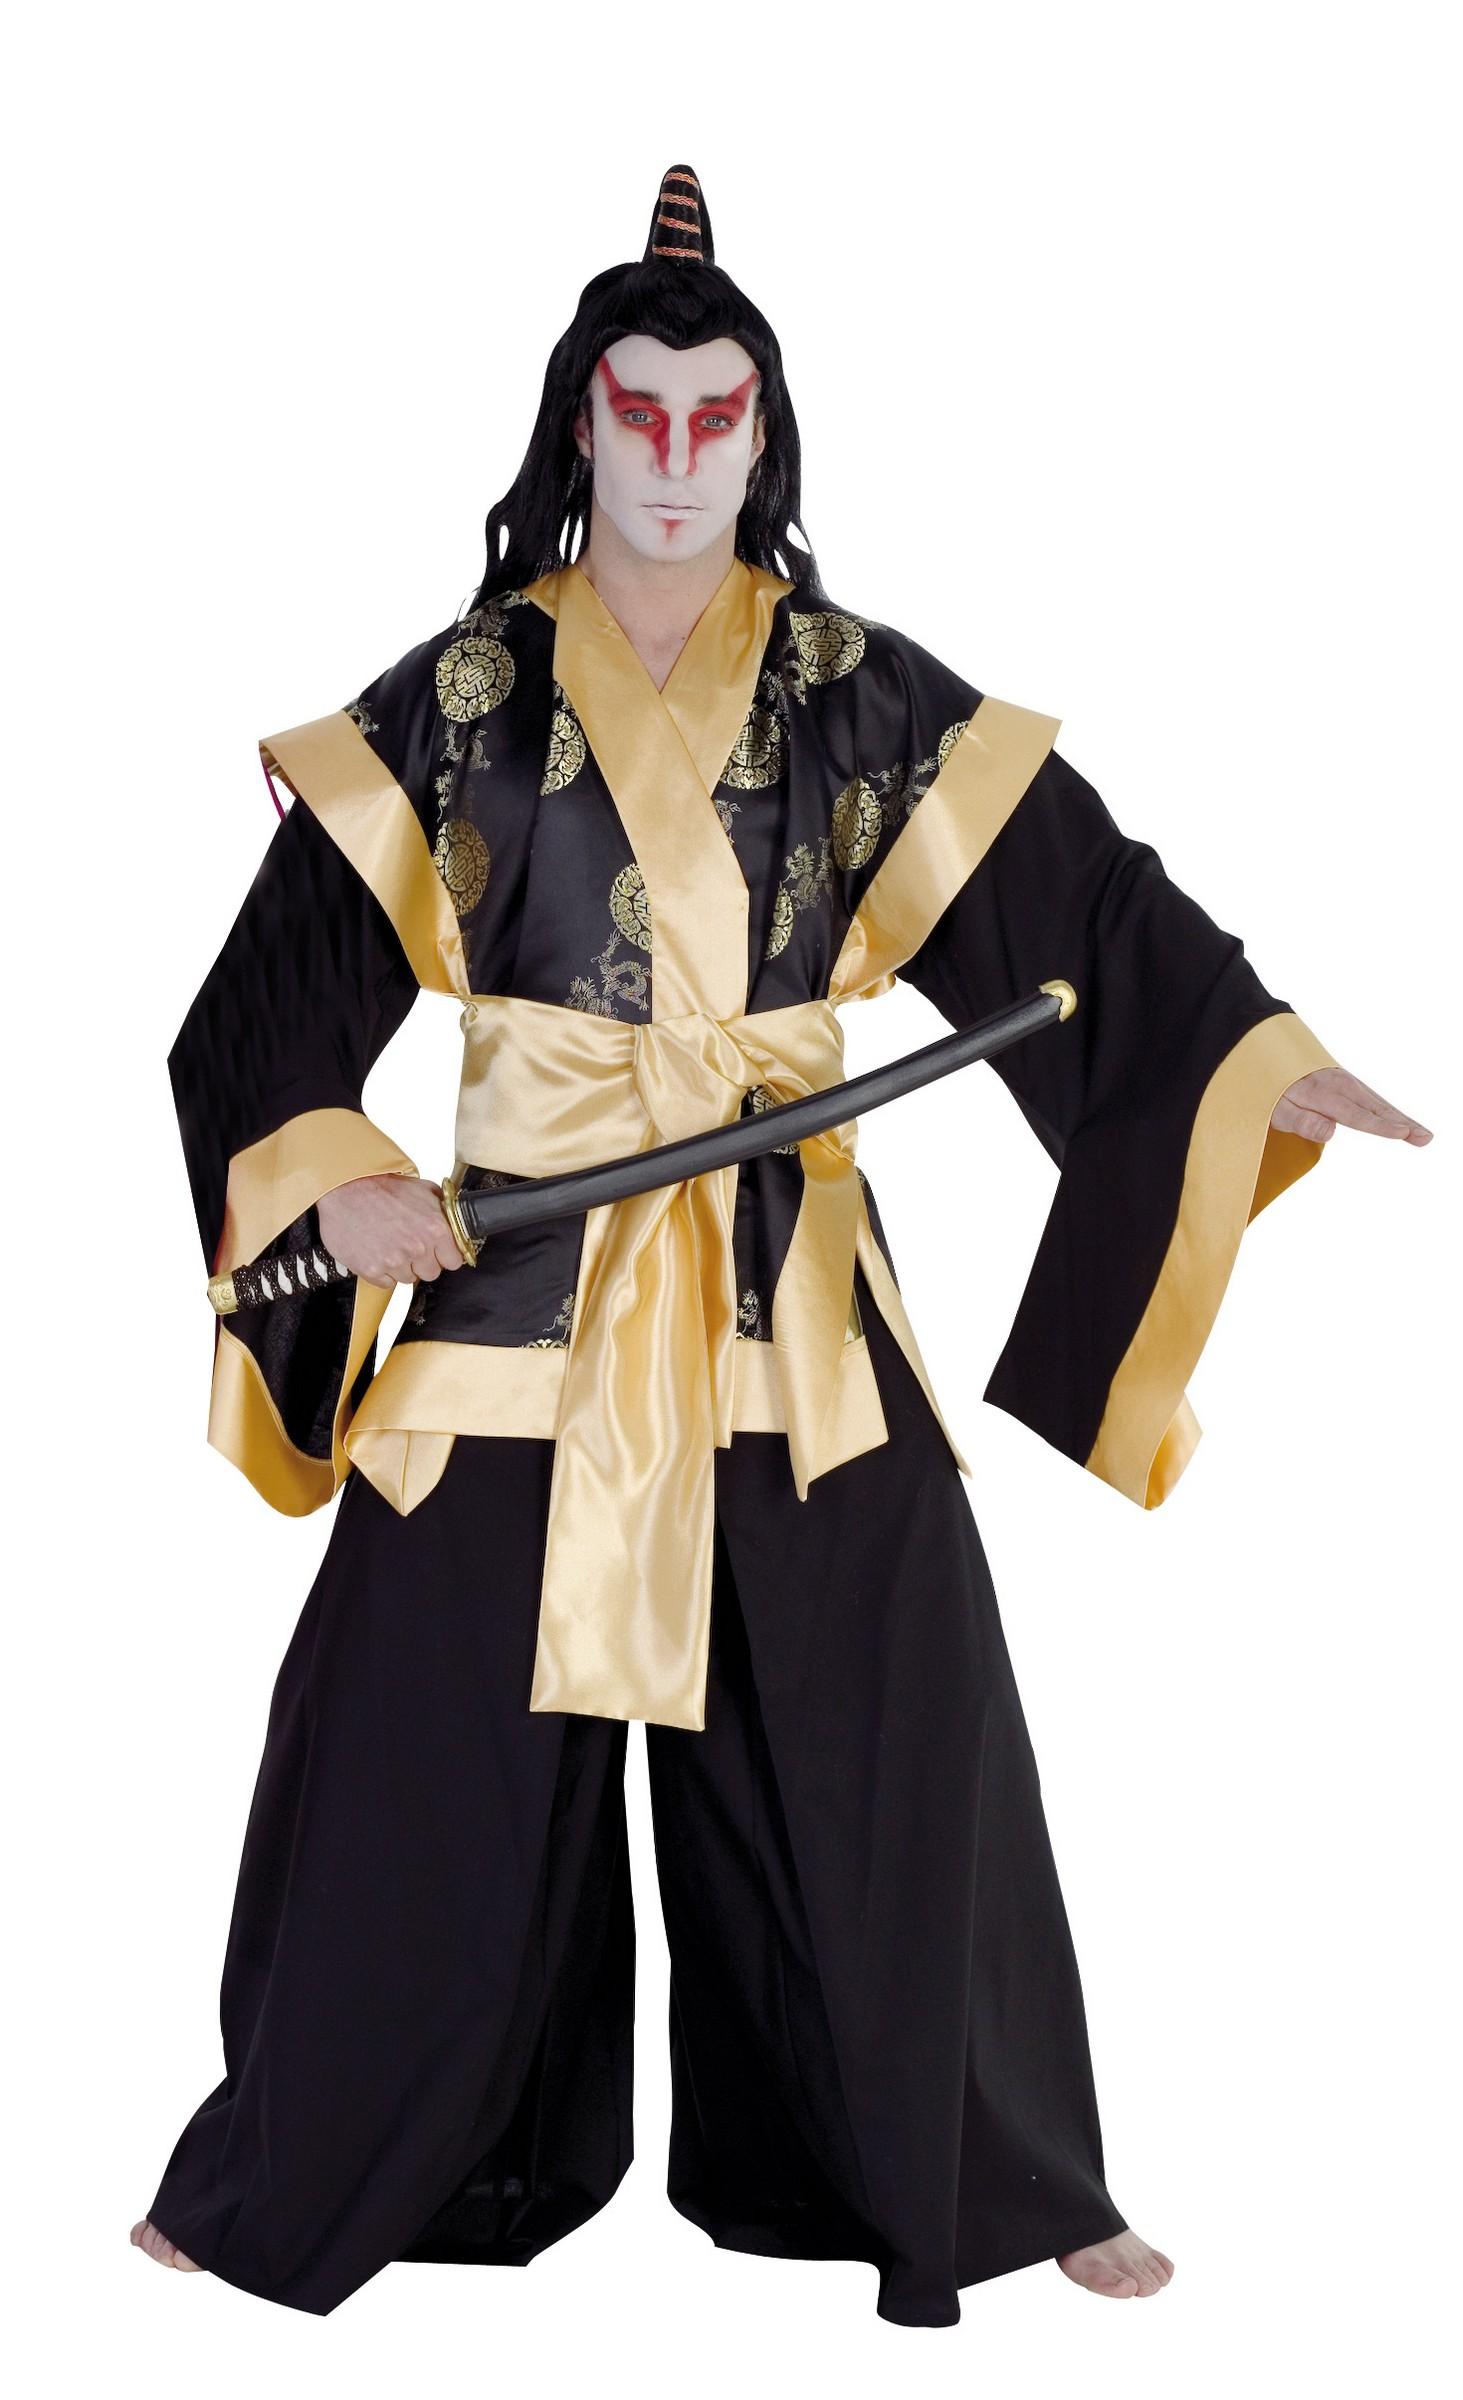 d guisement samourai homme costume asiatique adulte soir e th me. Black Bedroom Furniture Sets. Home Design Ideas